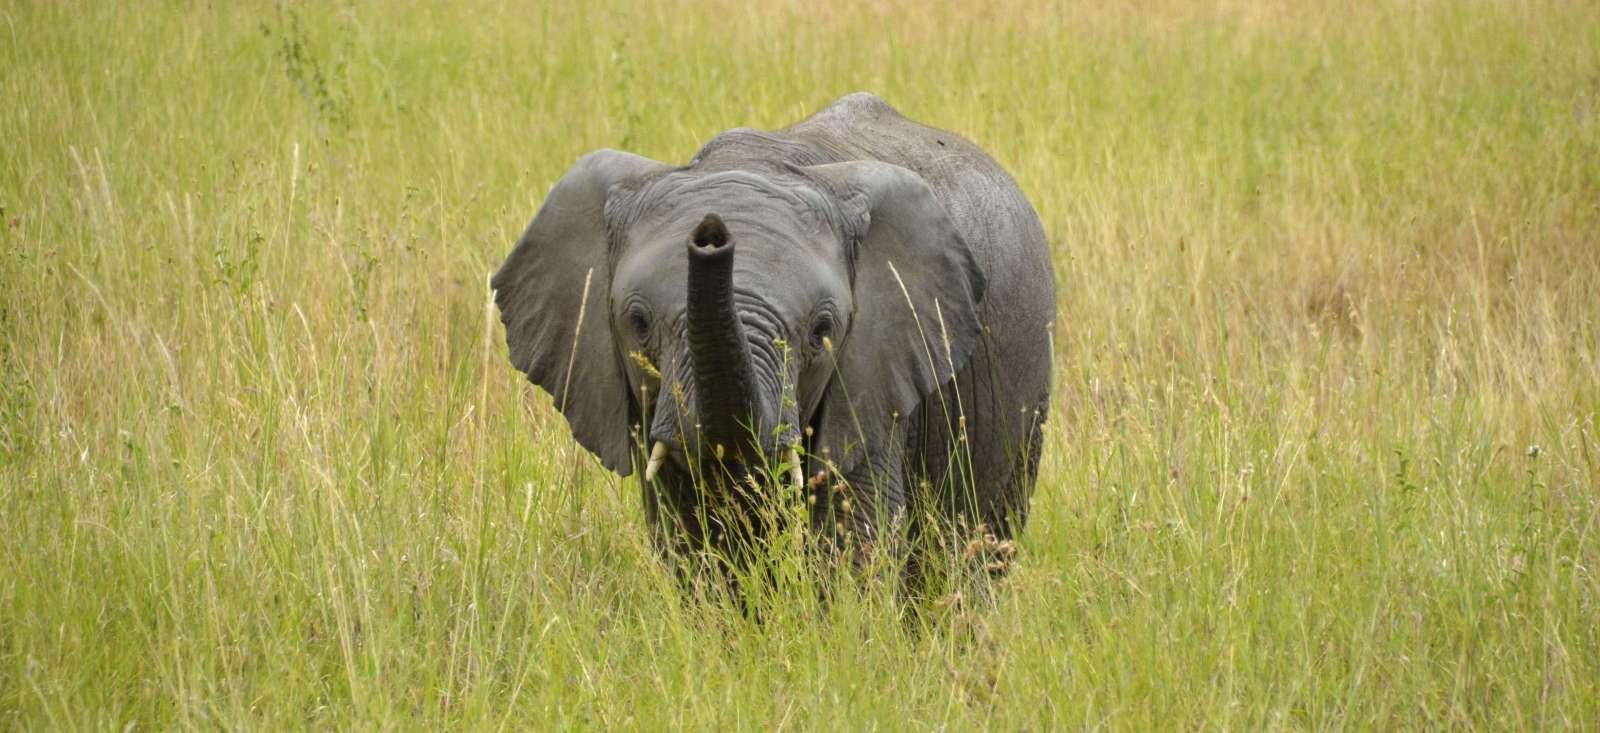 Voyage à pied : Envie de migrer ? Rejoignez-gnous en Tanzanie !